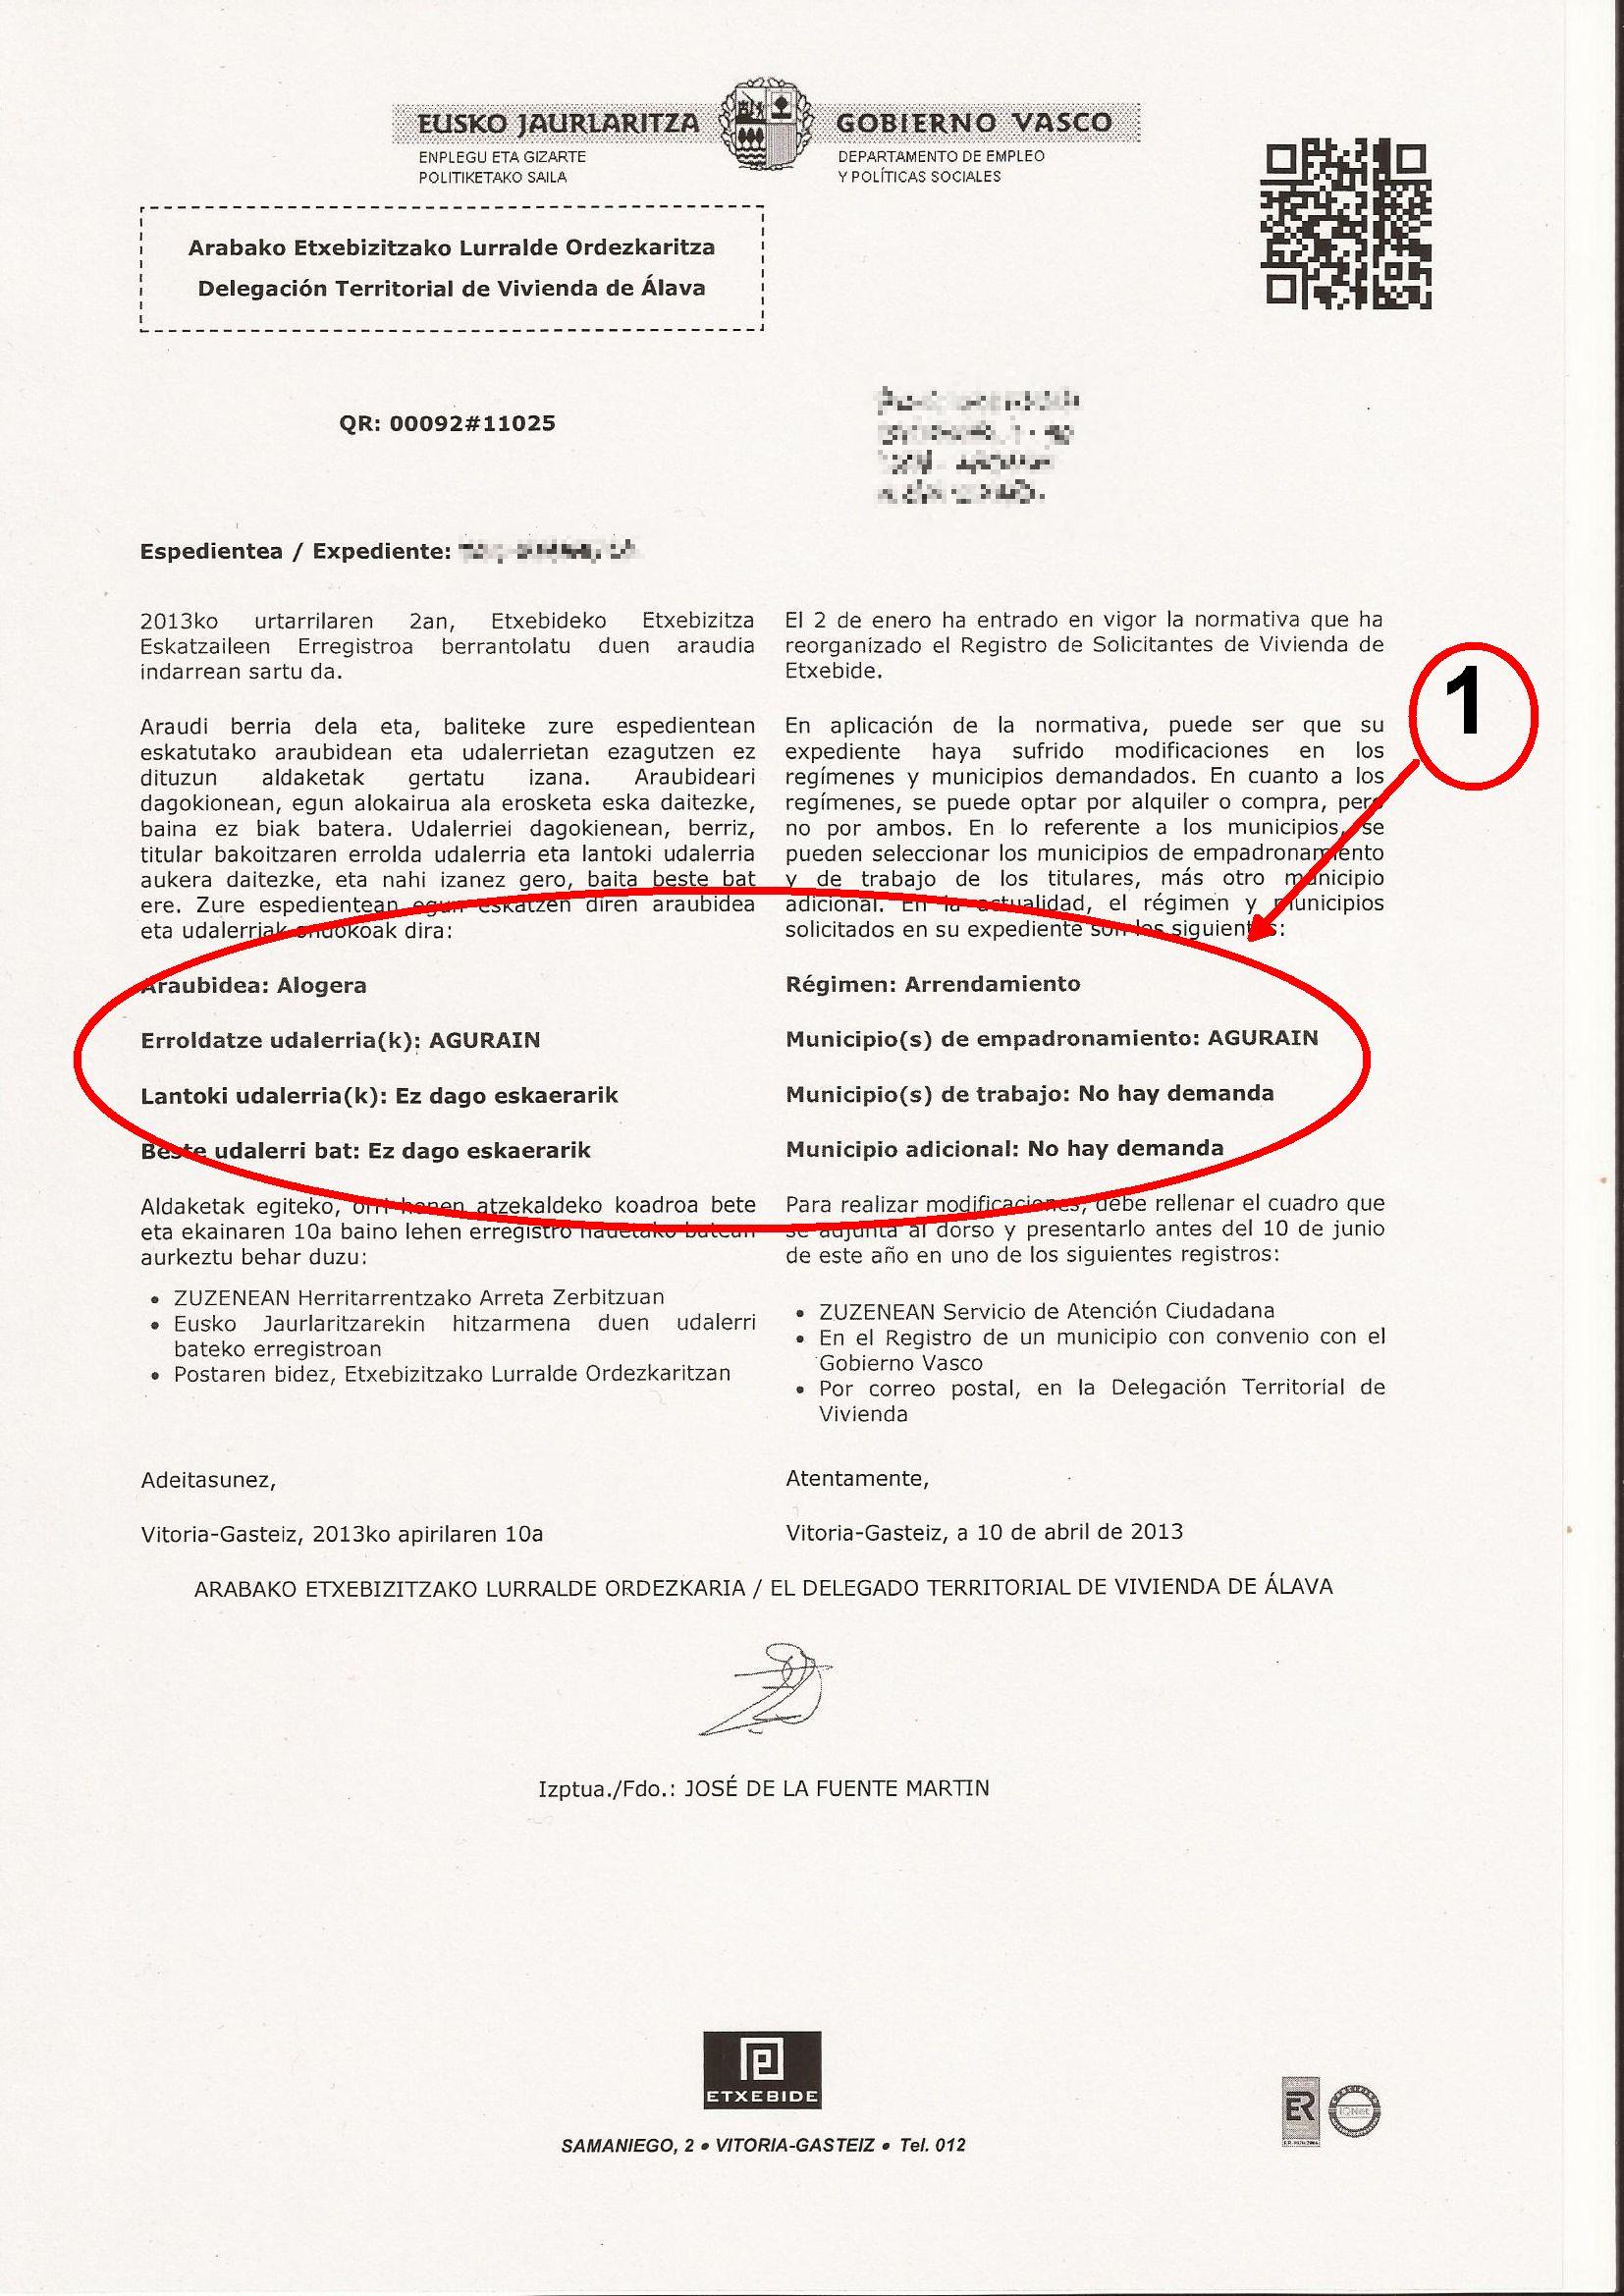 Comunicaci n postal para actualizaci n de solicitud de vivienda 25 04 2013 elrincondelavivienda - Ejemplo certificado energetico piso ...